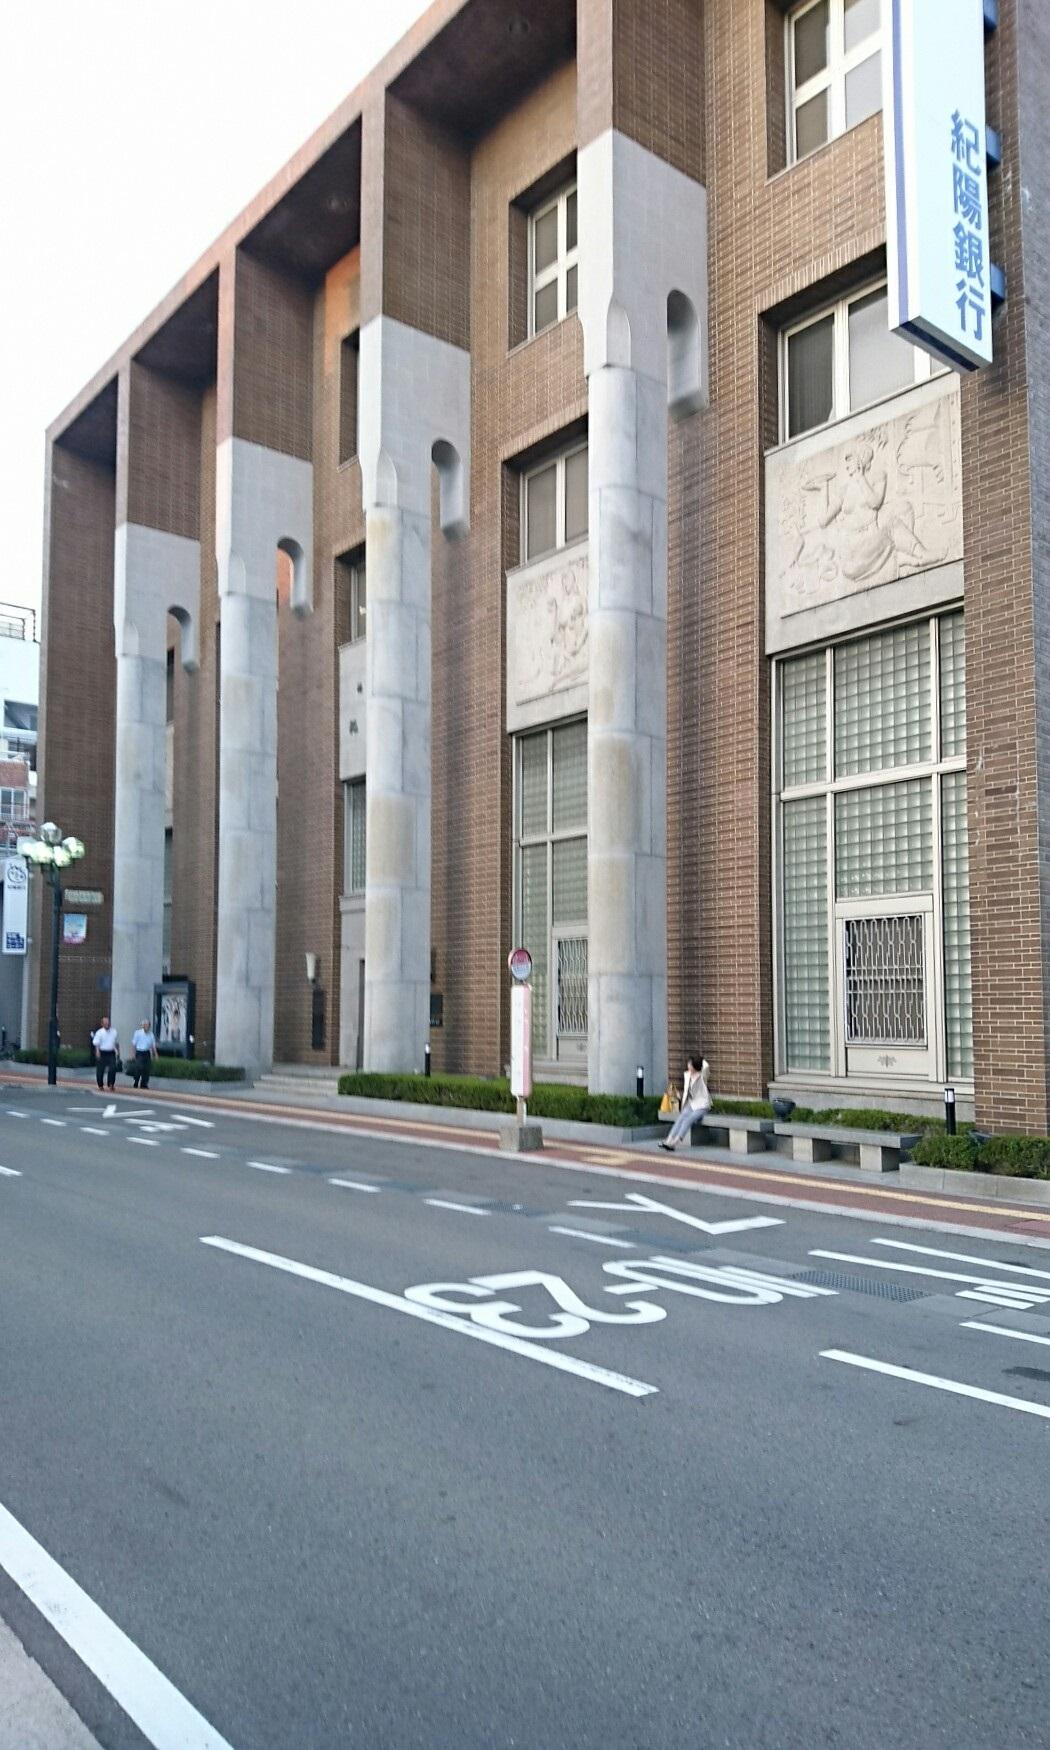 2017.8.17 わかやま (37) 紀陽銀行(本町どおり) 1050-1750